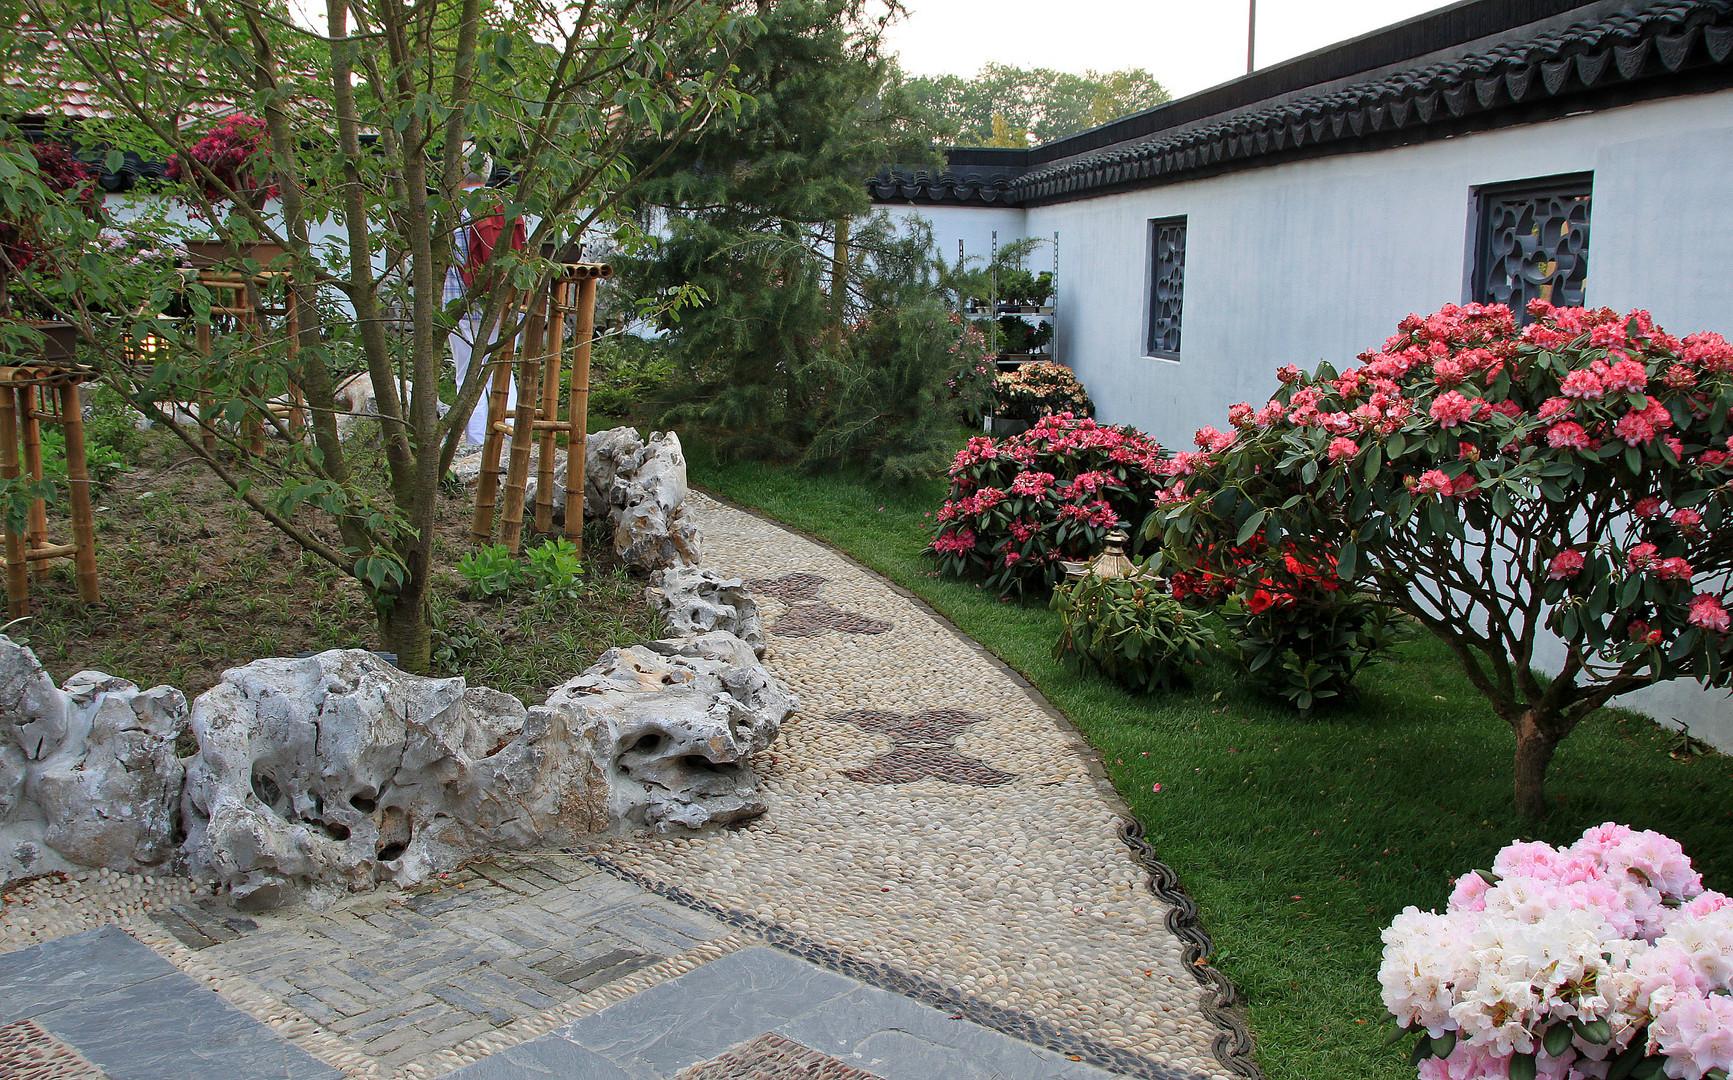 7 Chinesischer Garten Foto Bild Landschaft Garten